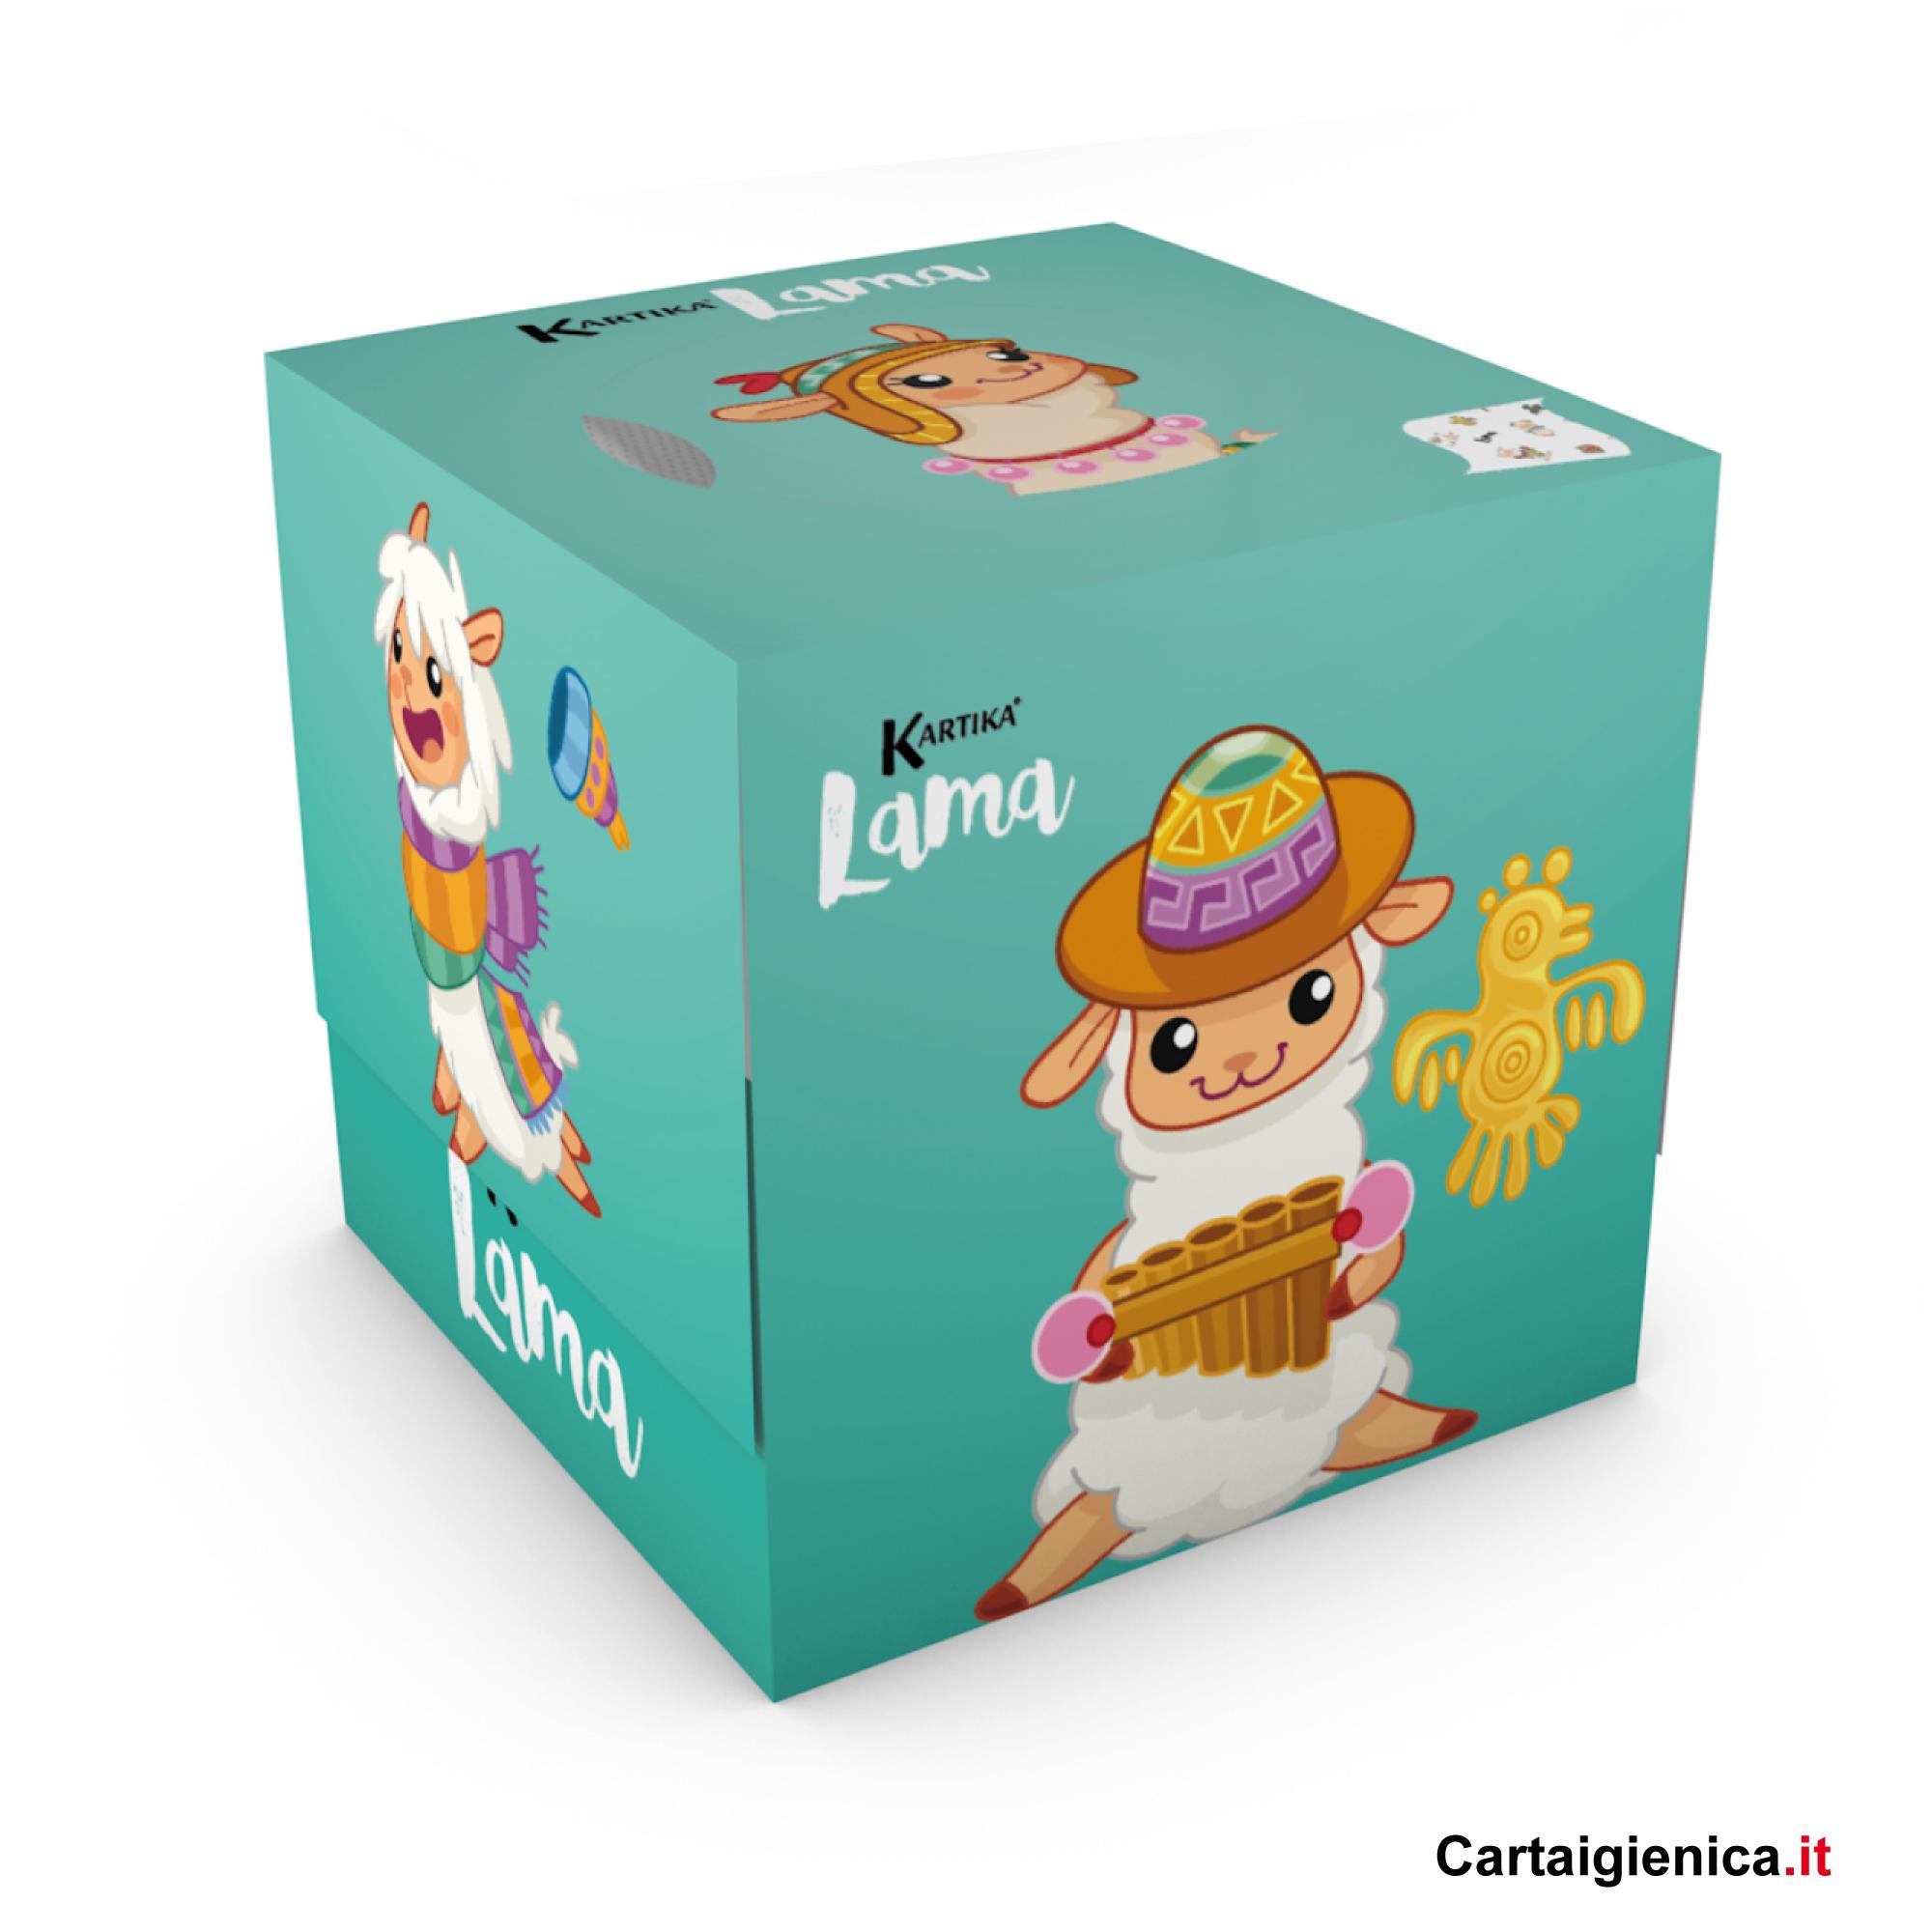 kartika veline lama box cubo fazzoletti per bambini colori regalo